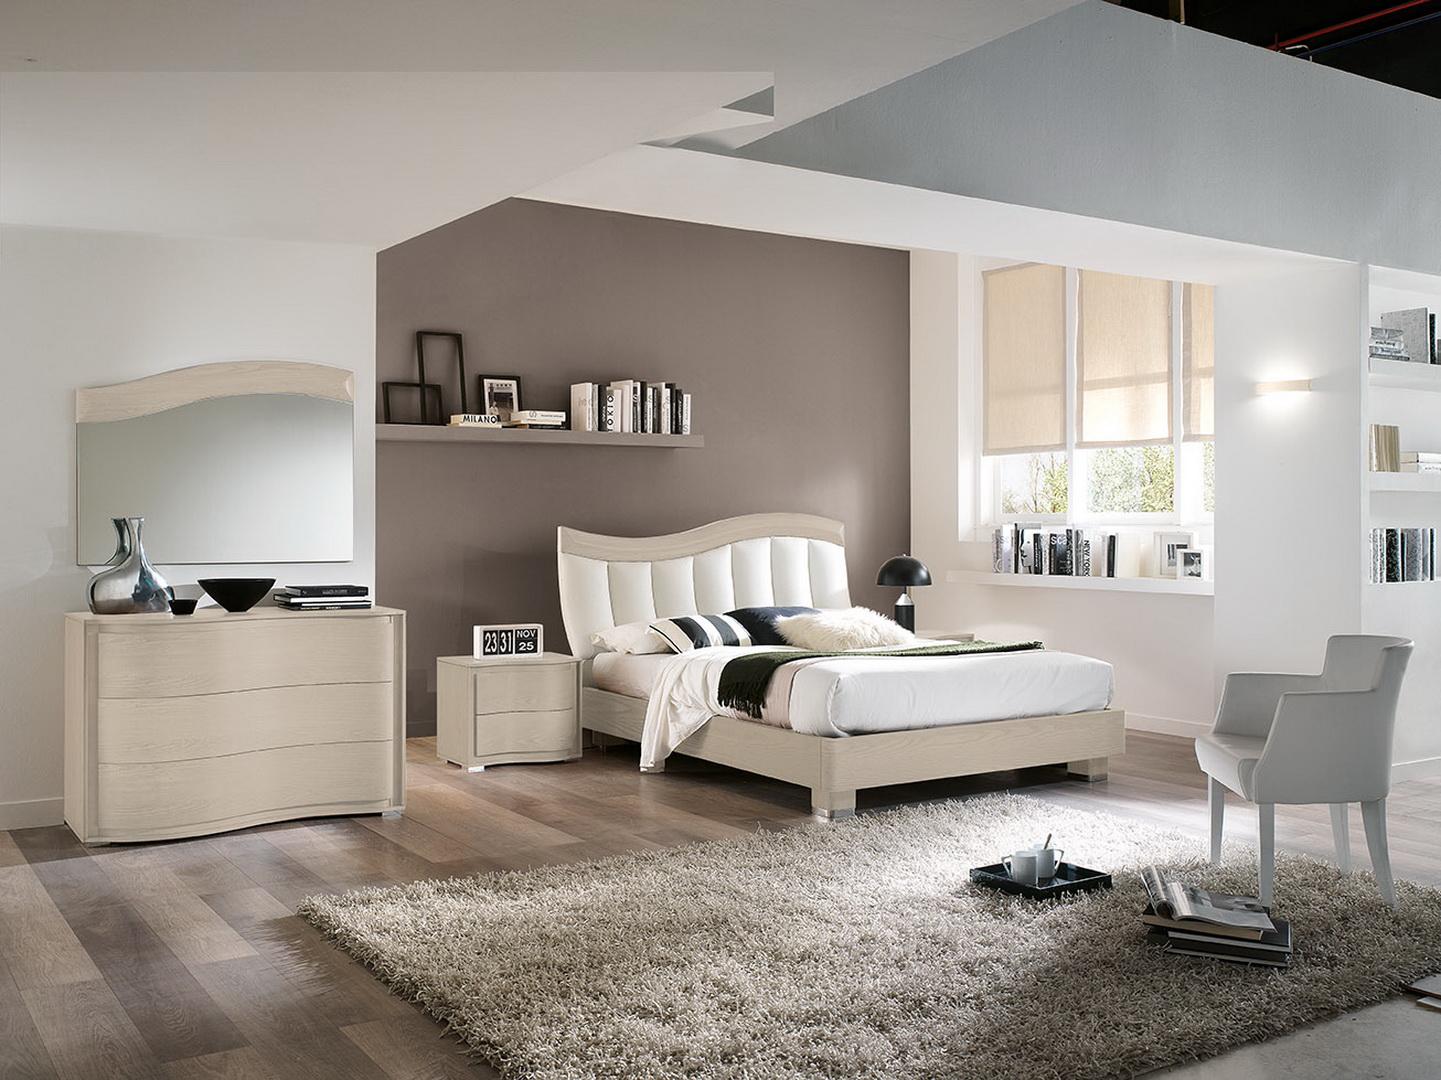 Camera da letto sb10011 c4 home arredamenti cosenza for C4 arredamenti